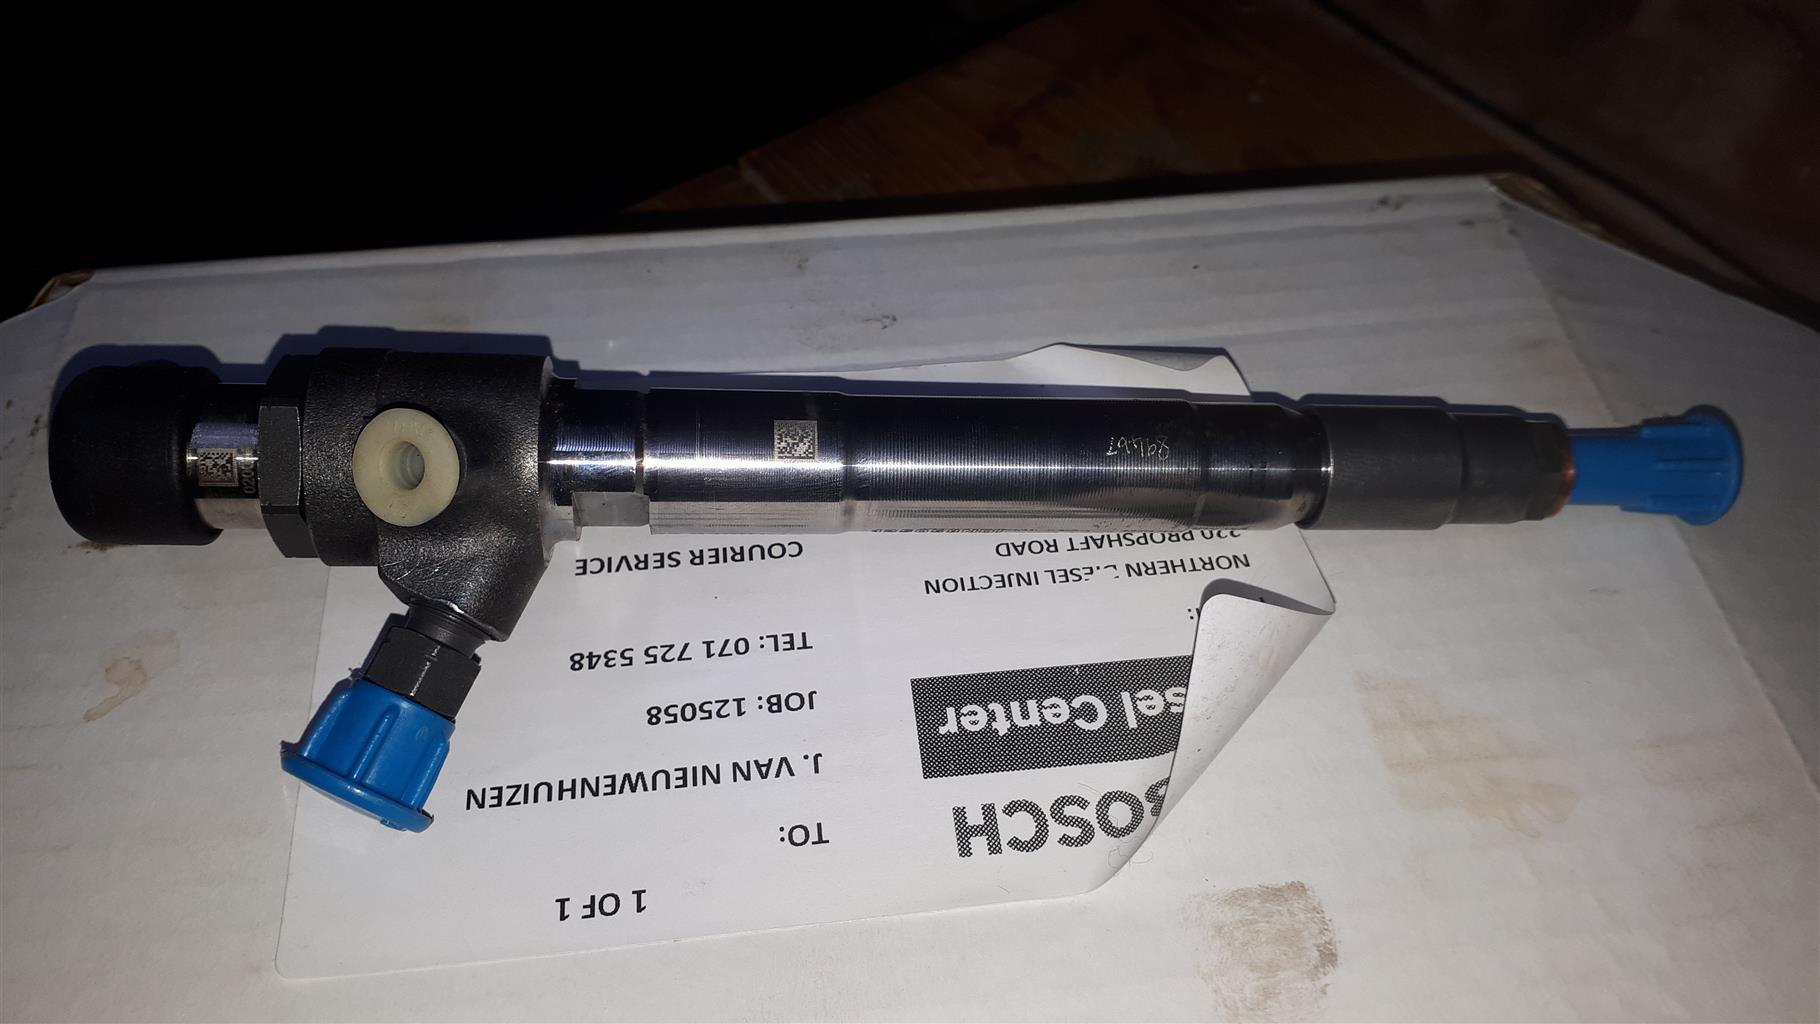 Bosch fuel injector, RH12, R4491, A7HHGH, AC259517051